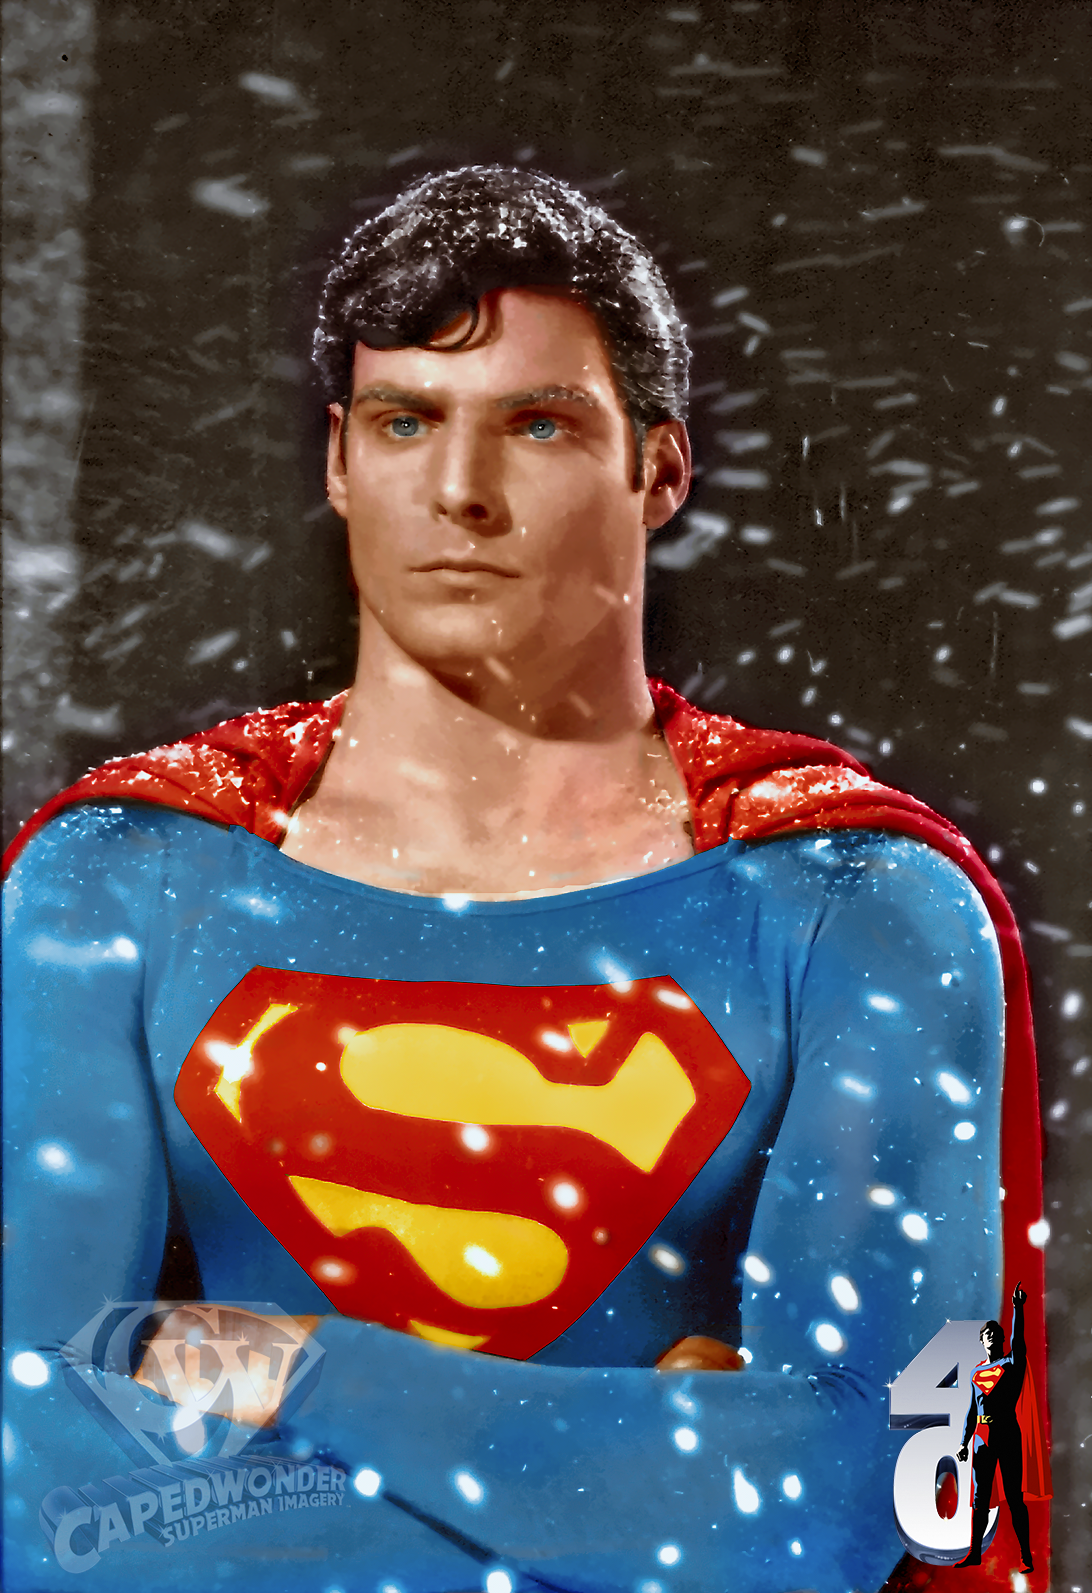 CW-STM-gauntlet-snow-portrait-colorized